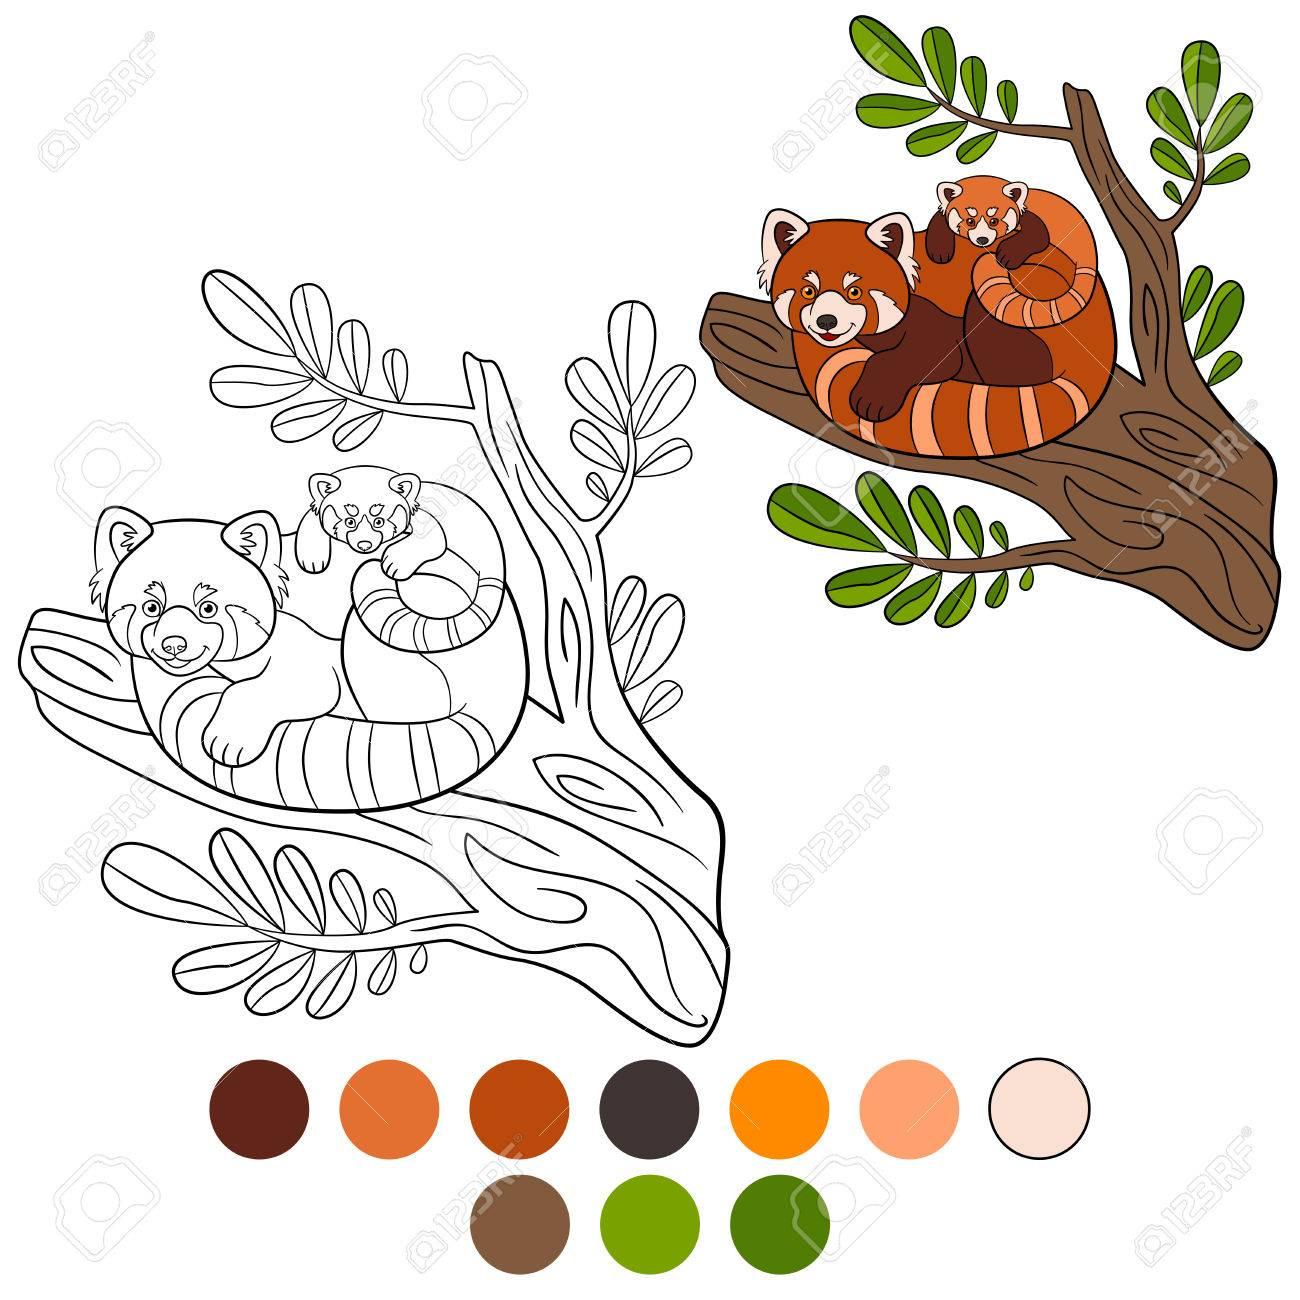 Malvorlage: Roter Panda. Mutter Roter Panda Mit Ihrem Kleinen Süßen ...